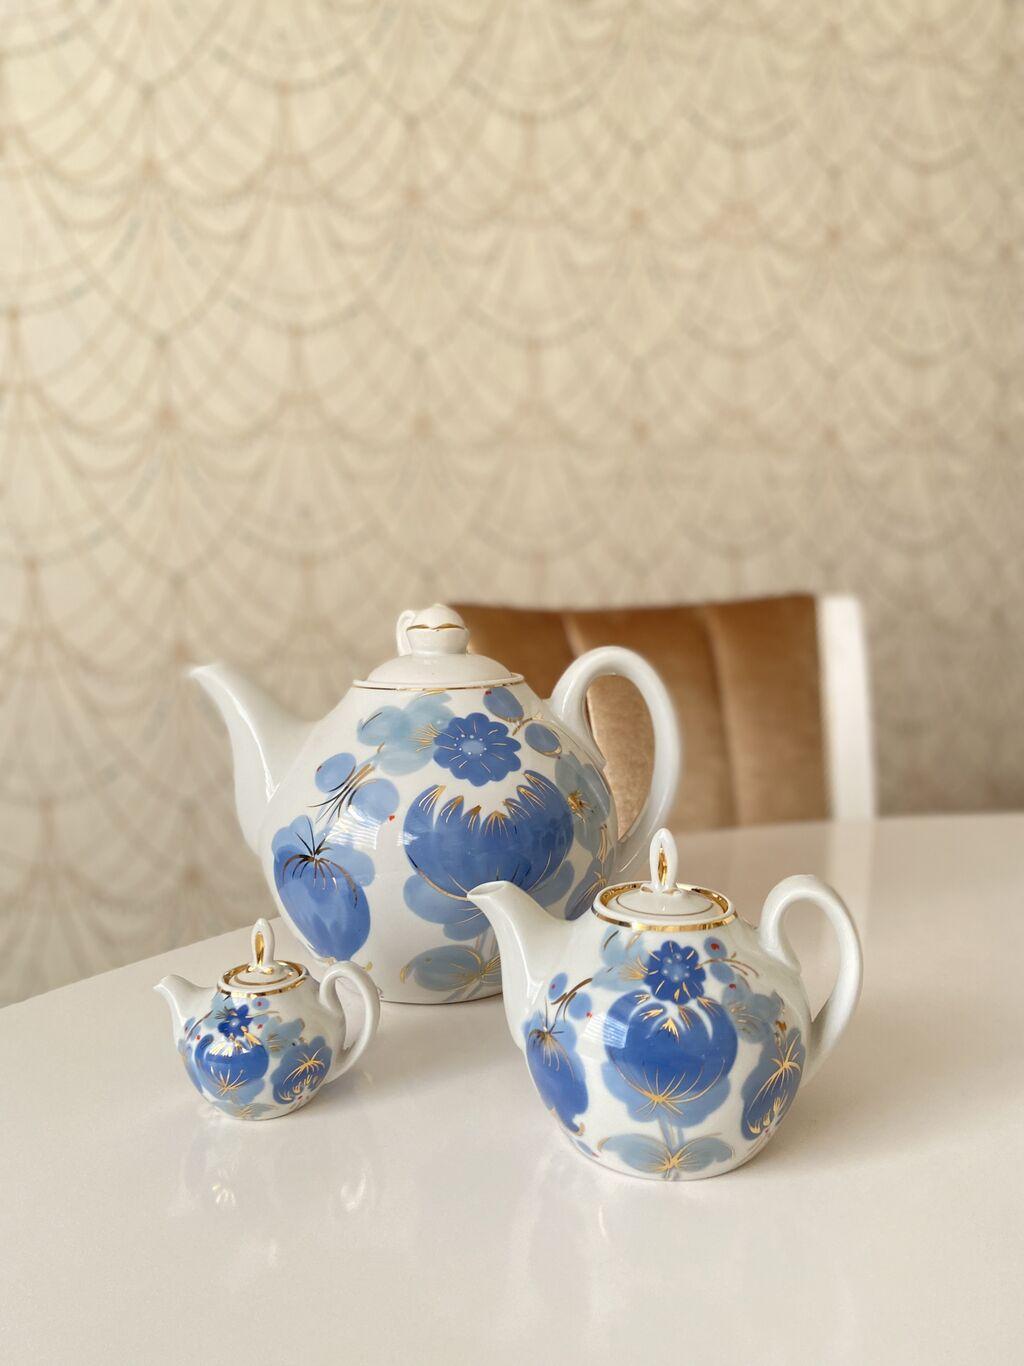 Редкий набор фарфоровых чайниковнабор чайников «семейный» или   Объявление создано 15 Сентябрь 2021 12:27:48: Редкий набор фарфоровых чайниковнабор чайников «семейный» или